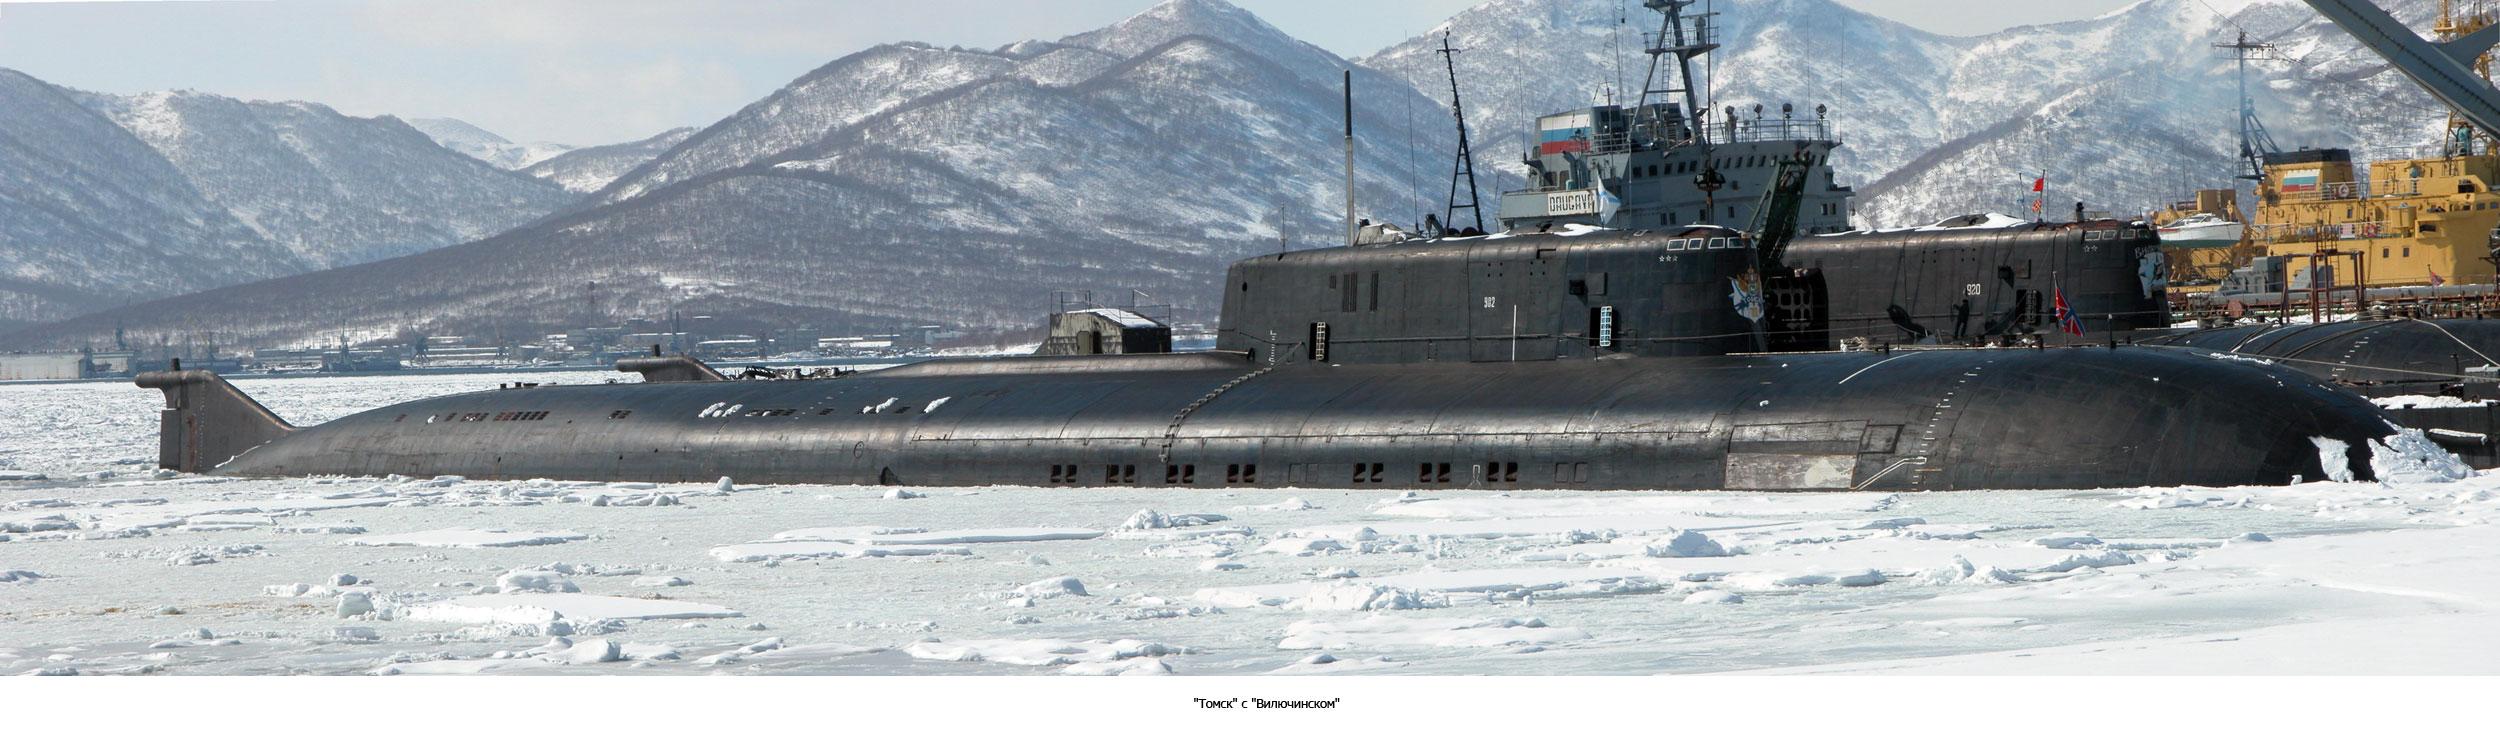 """Атомный подводный ракетоносный крейсер К-150 """"Томск""""."""